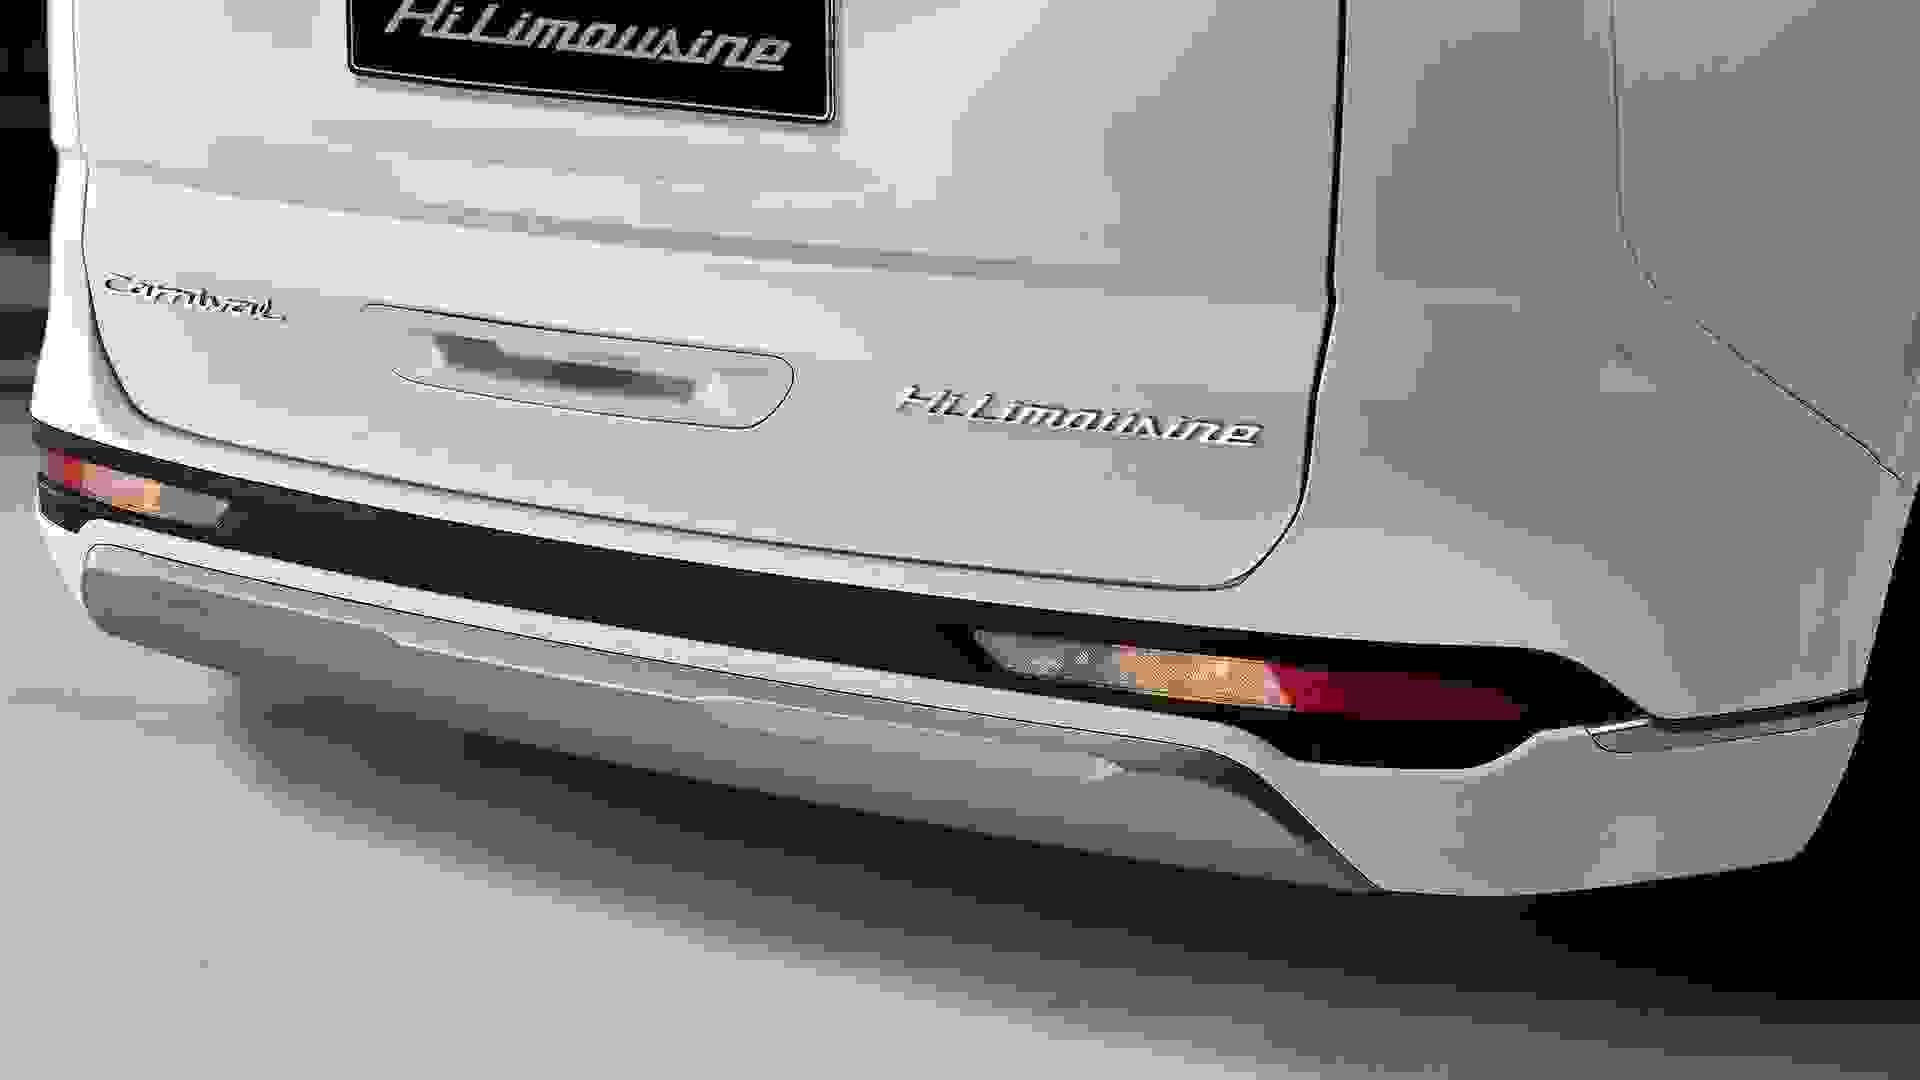 2022_Kia_Carnival_Hi-Limousine_KDM-0044